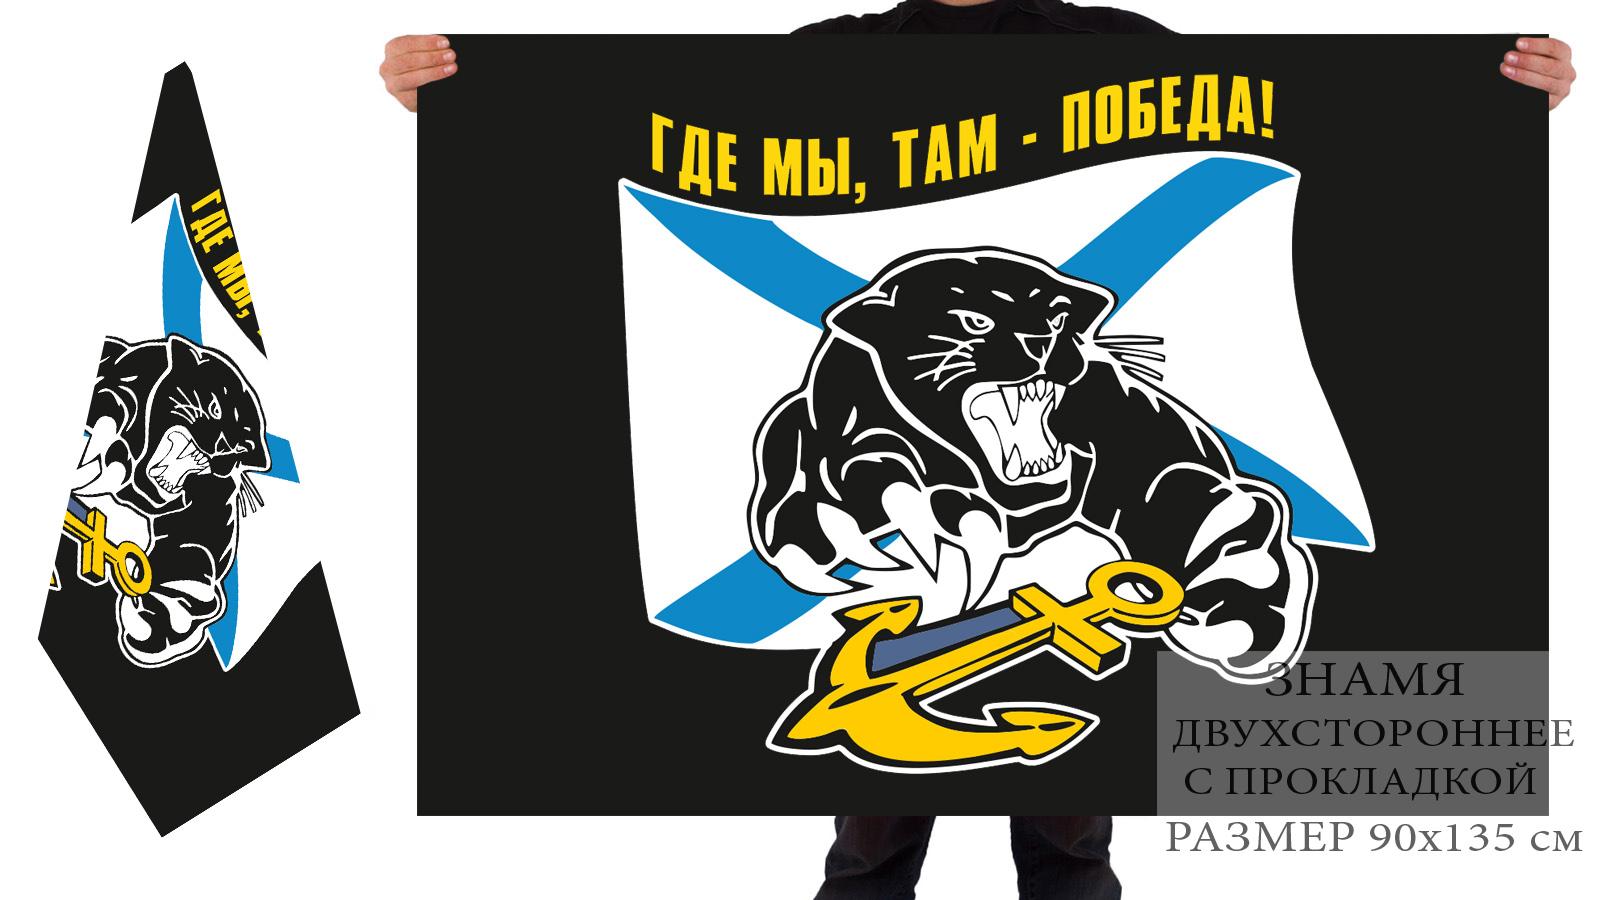 Двусторонний флаг морпехов Российской Федерации